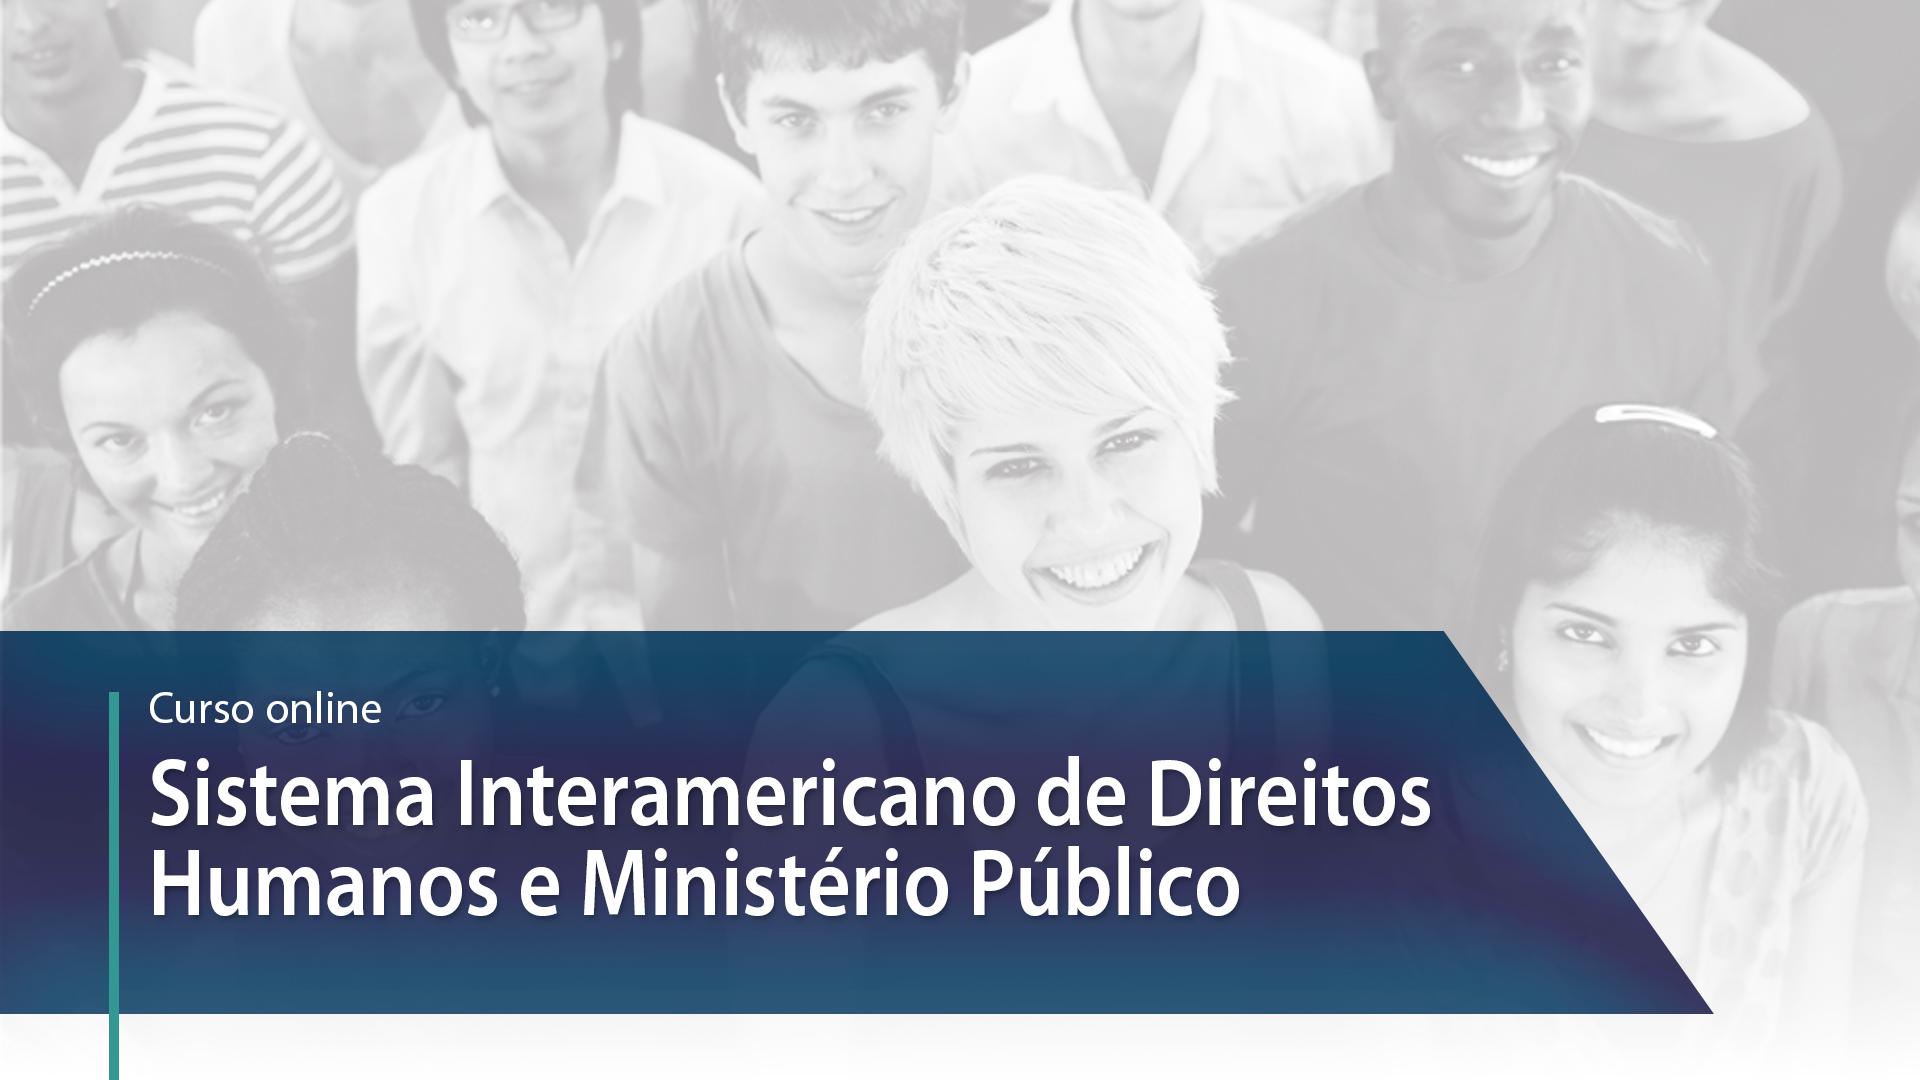 [Curso] Sistema Interamericano de Direitos Humanos e o Ministério Público